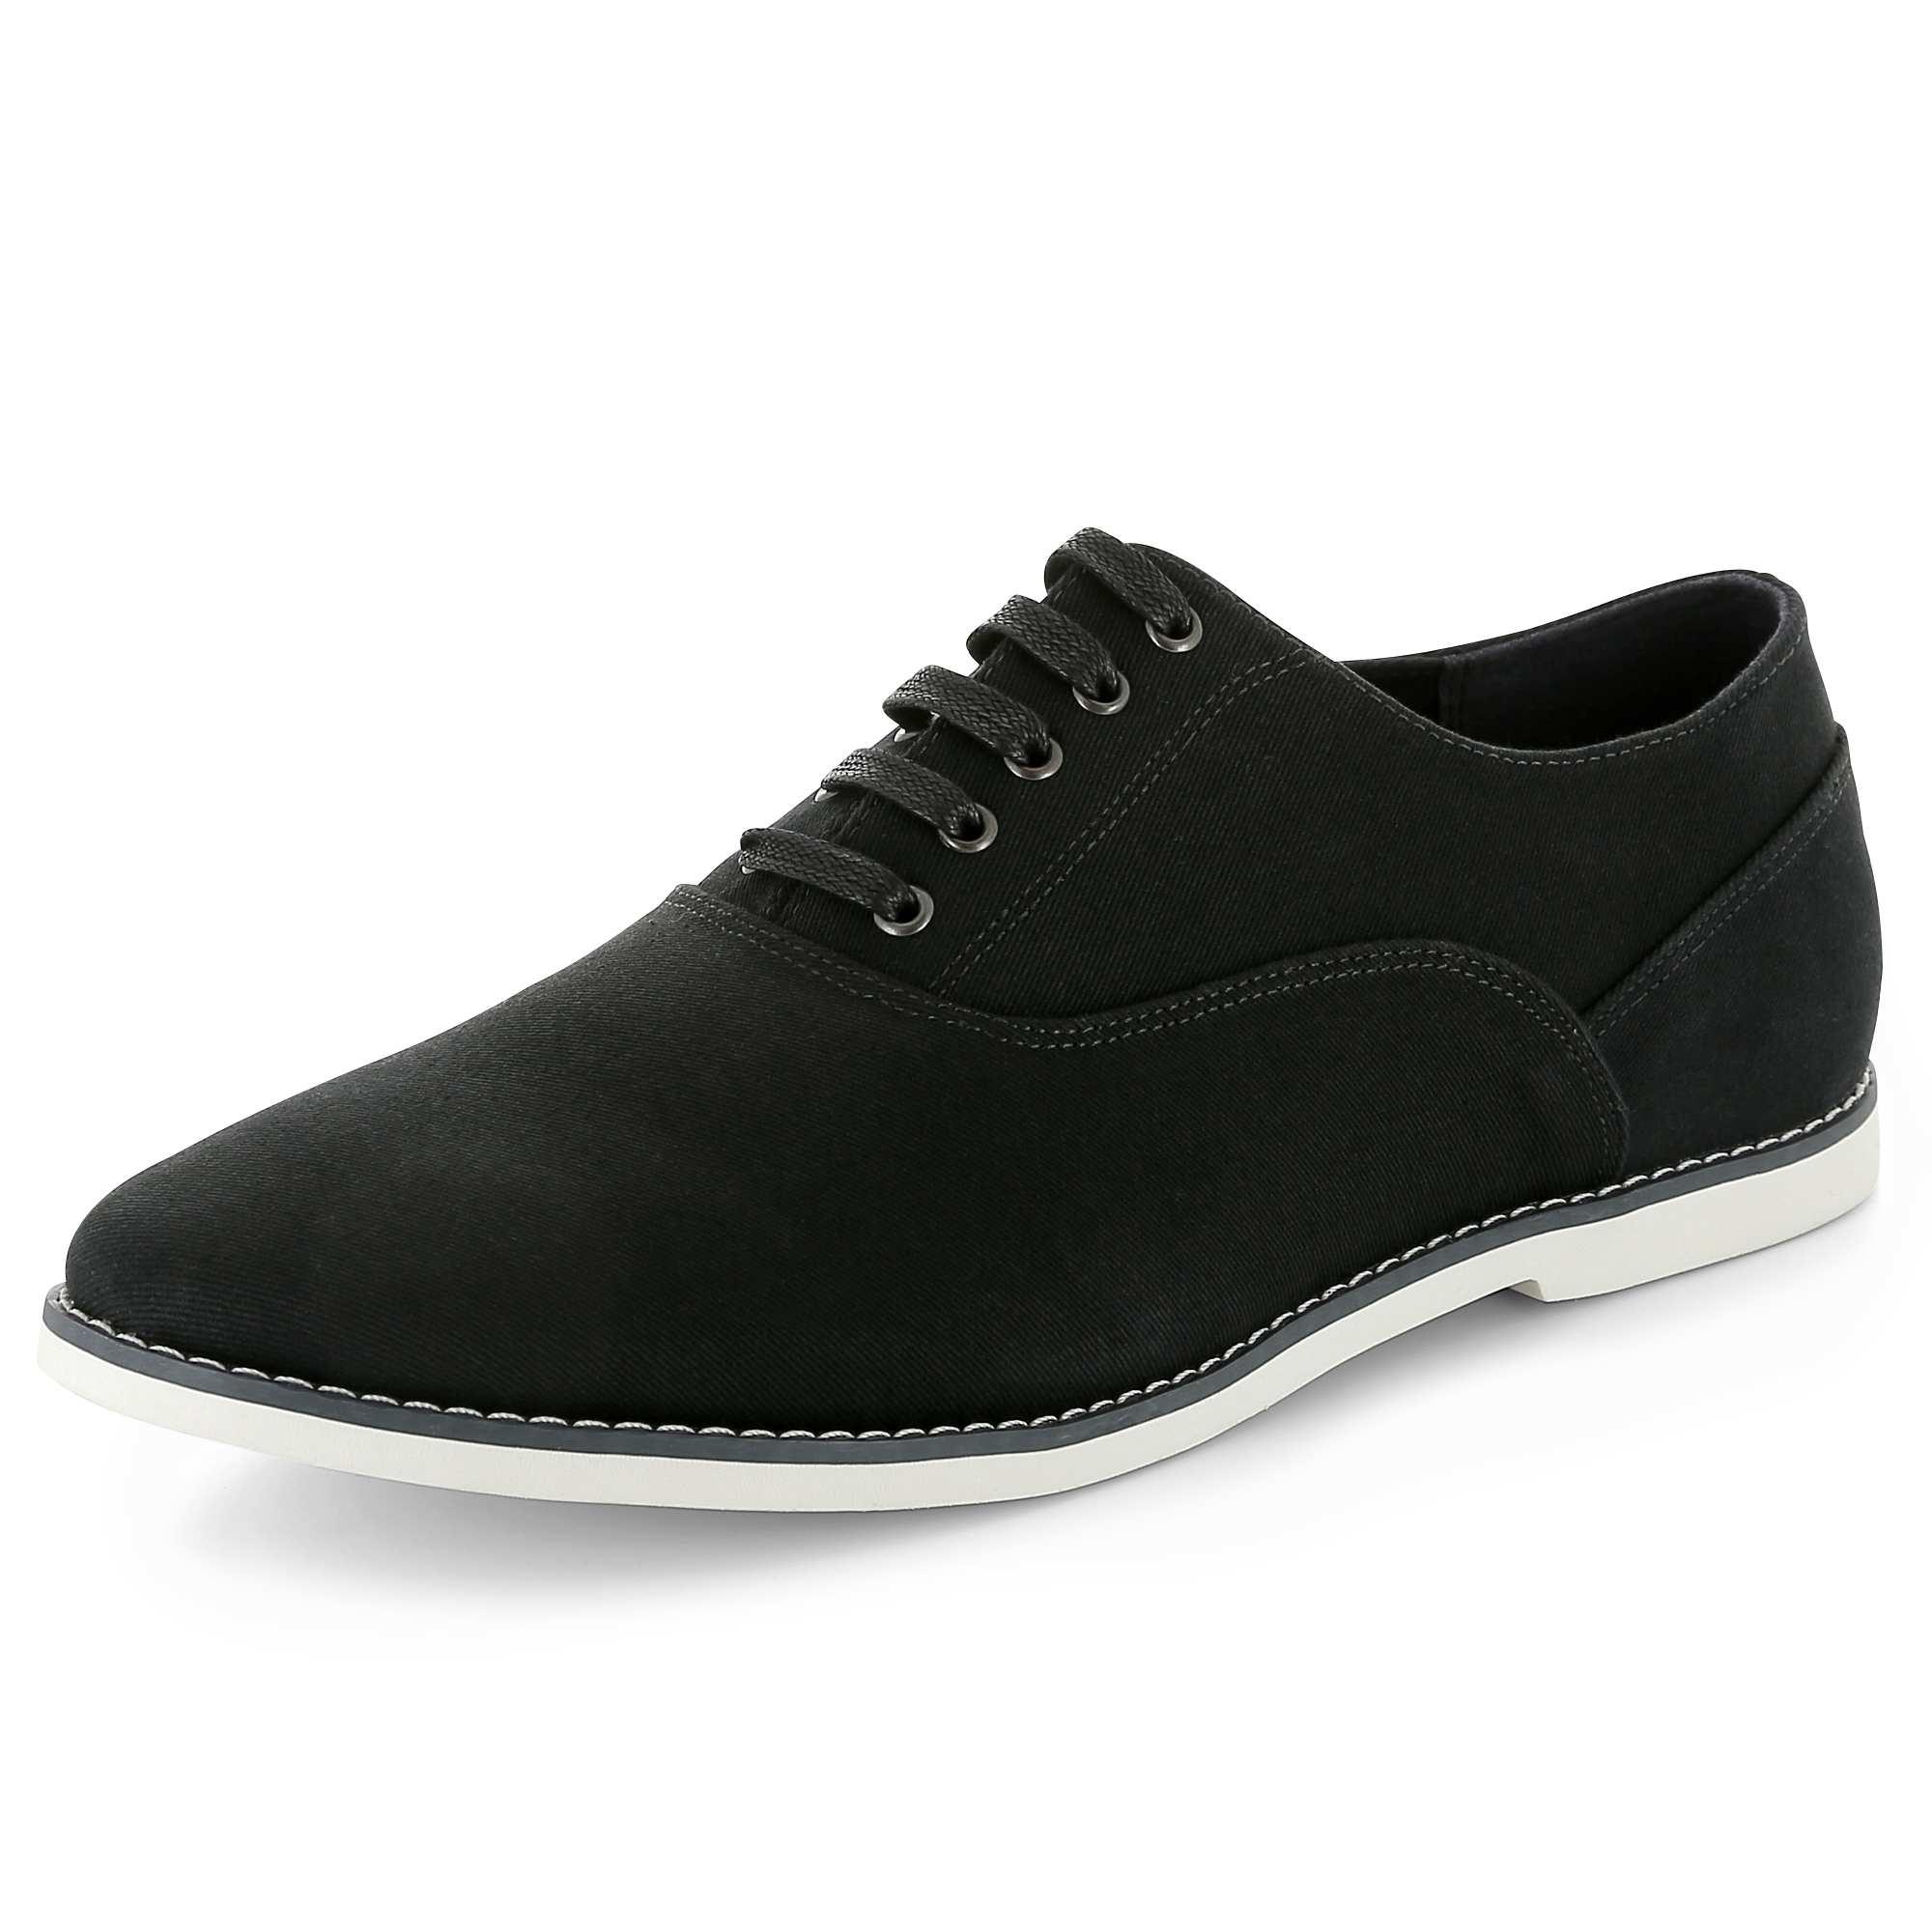 Chaussure de ville toile